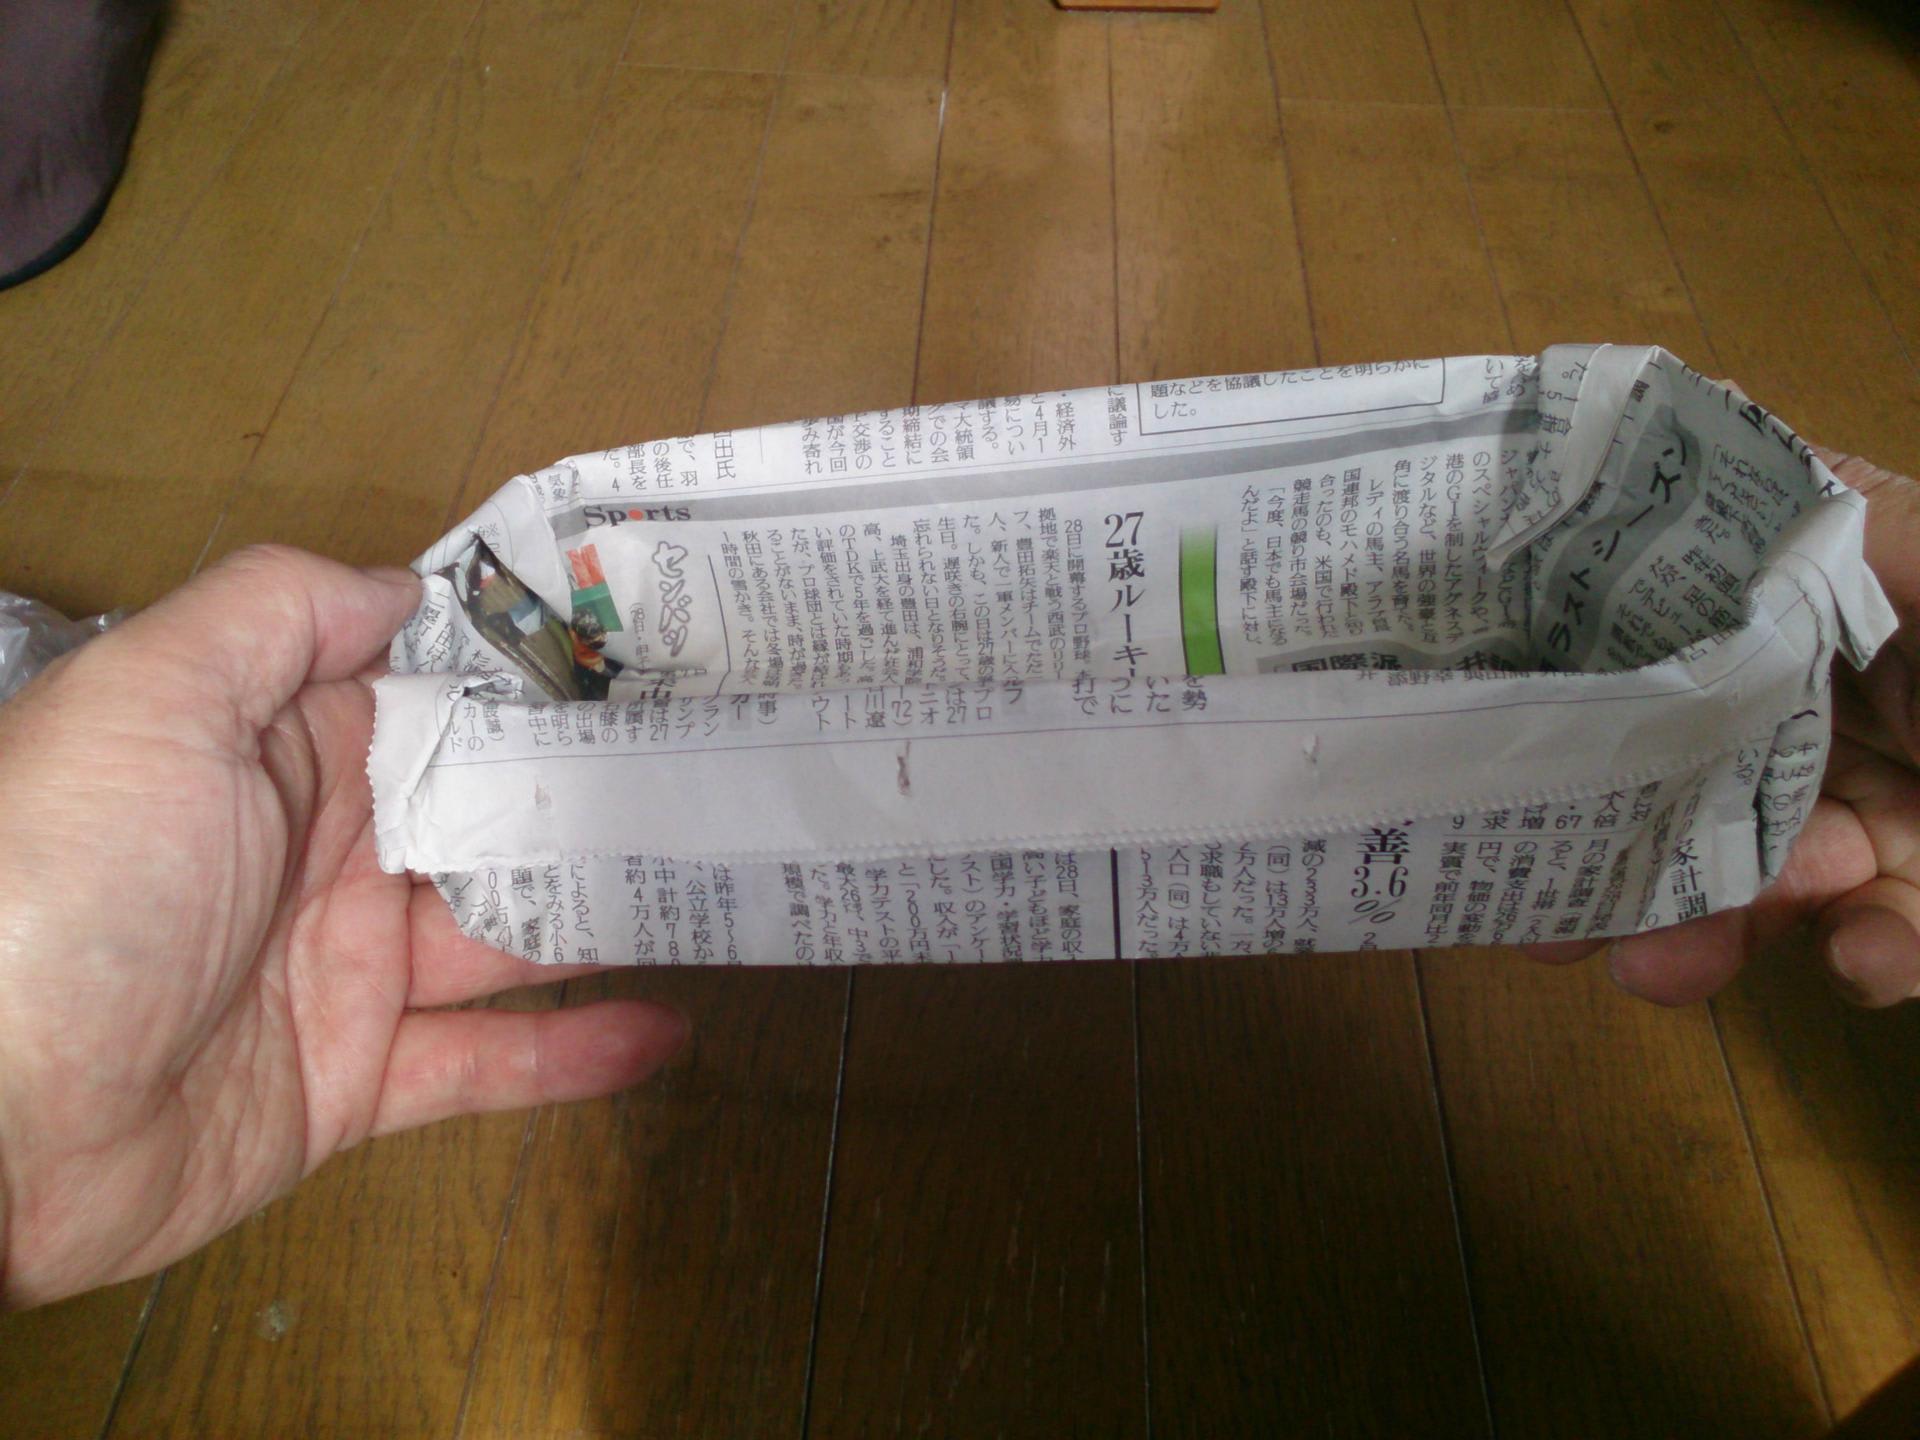 すべての折り紙 新聞紙 袋 折り方 : もう一回縁をひっくりせば ...